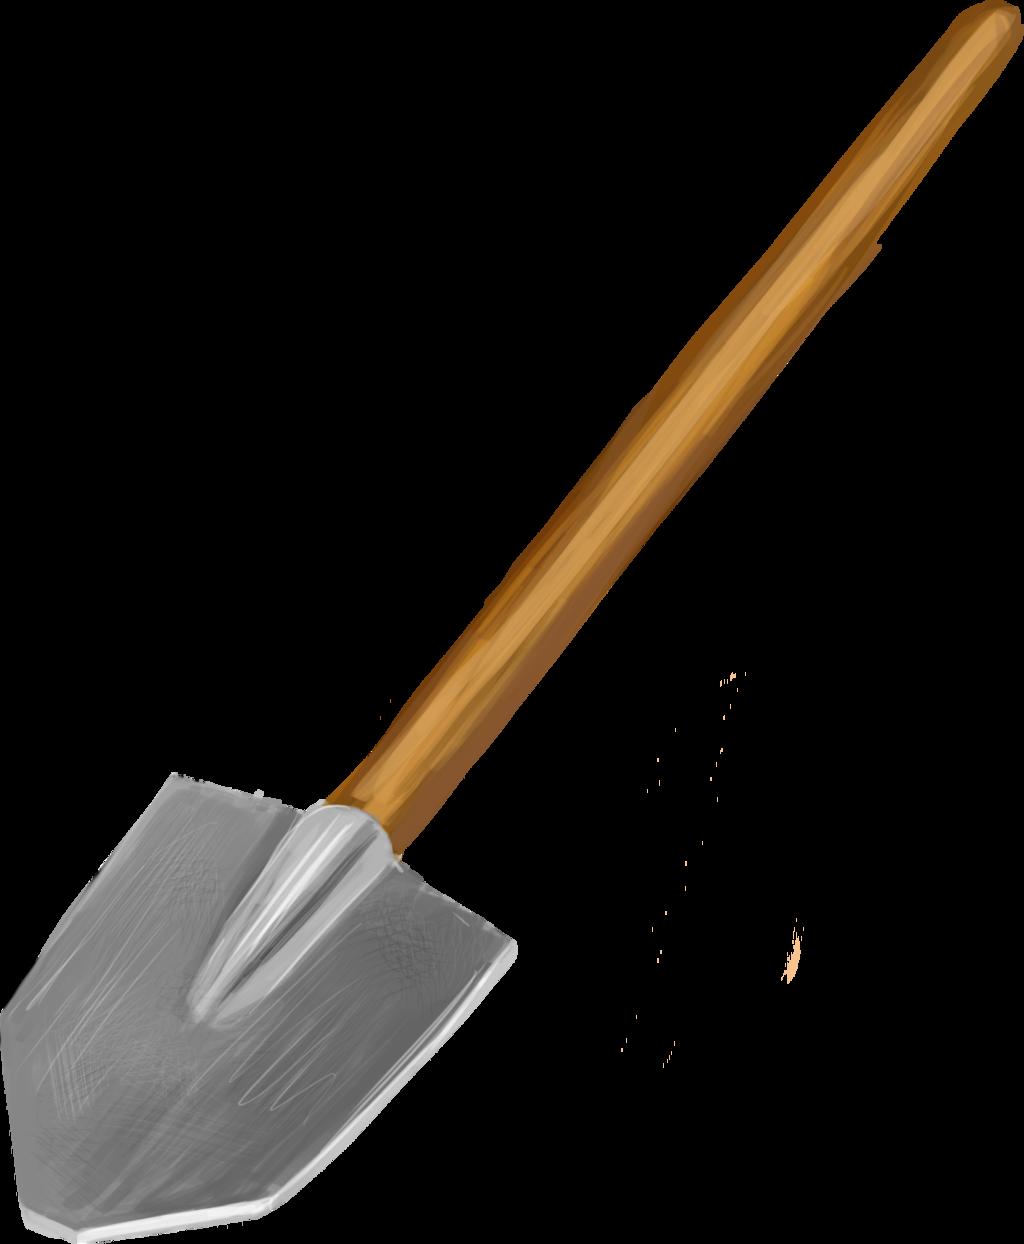 Shovel PNG image - Shovel HD PNG